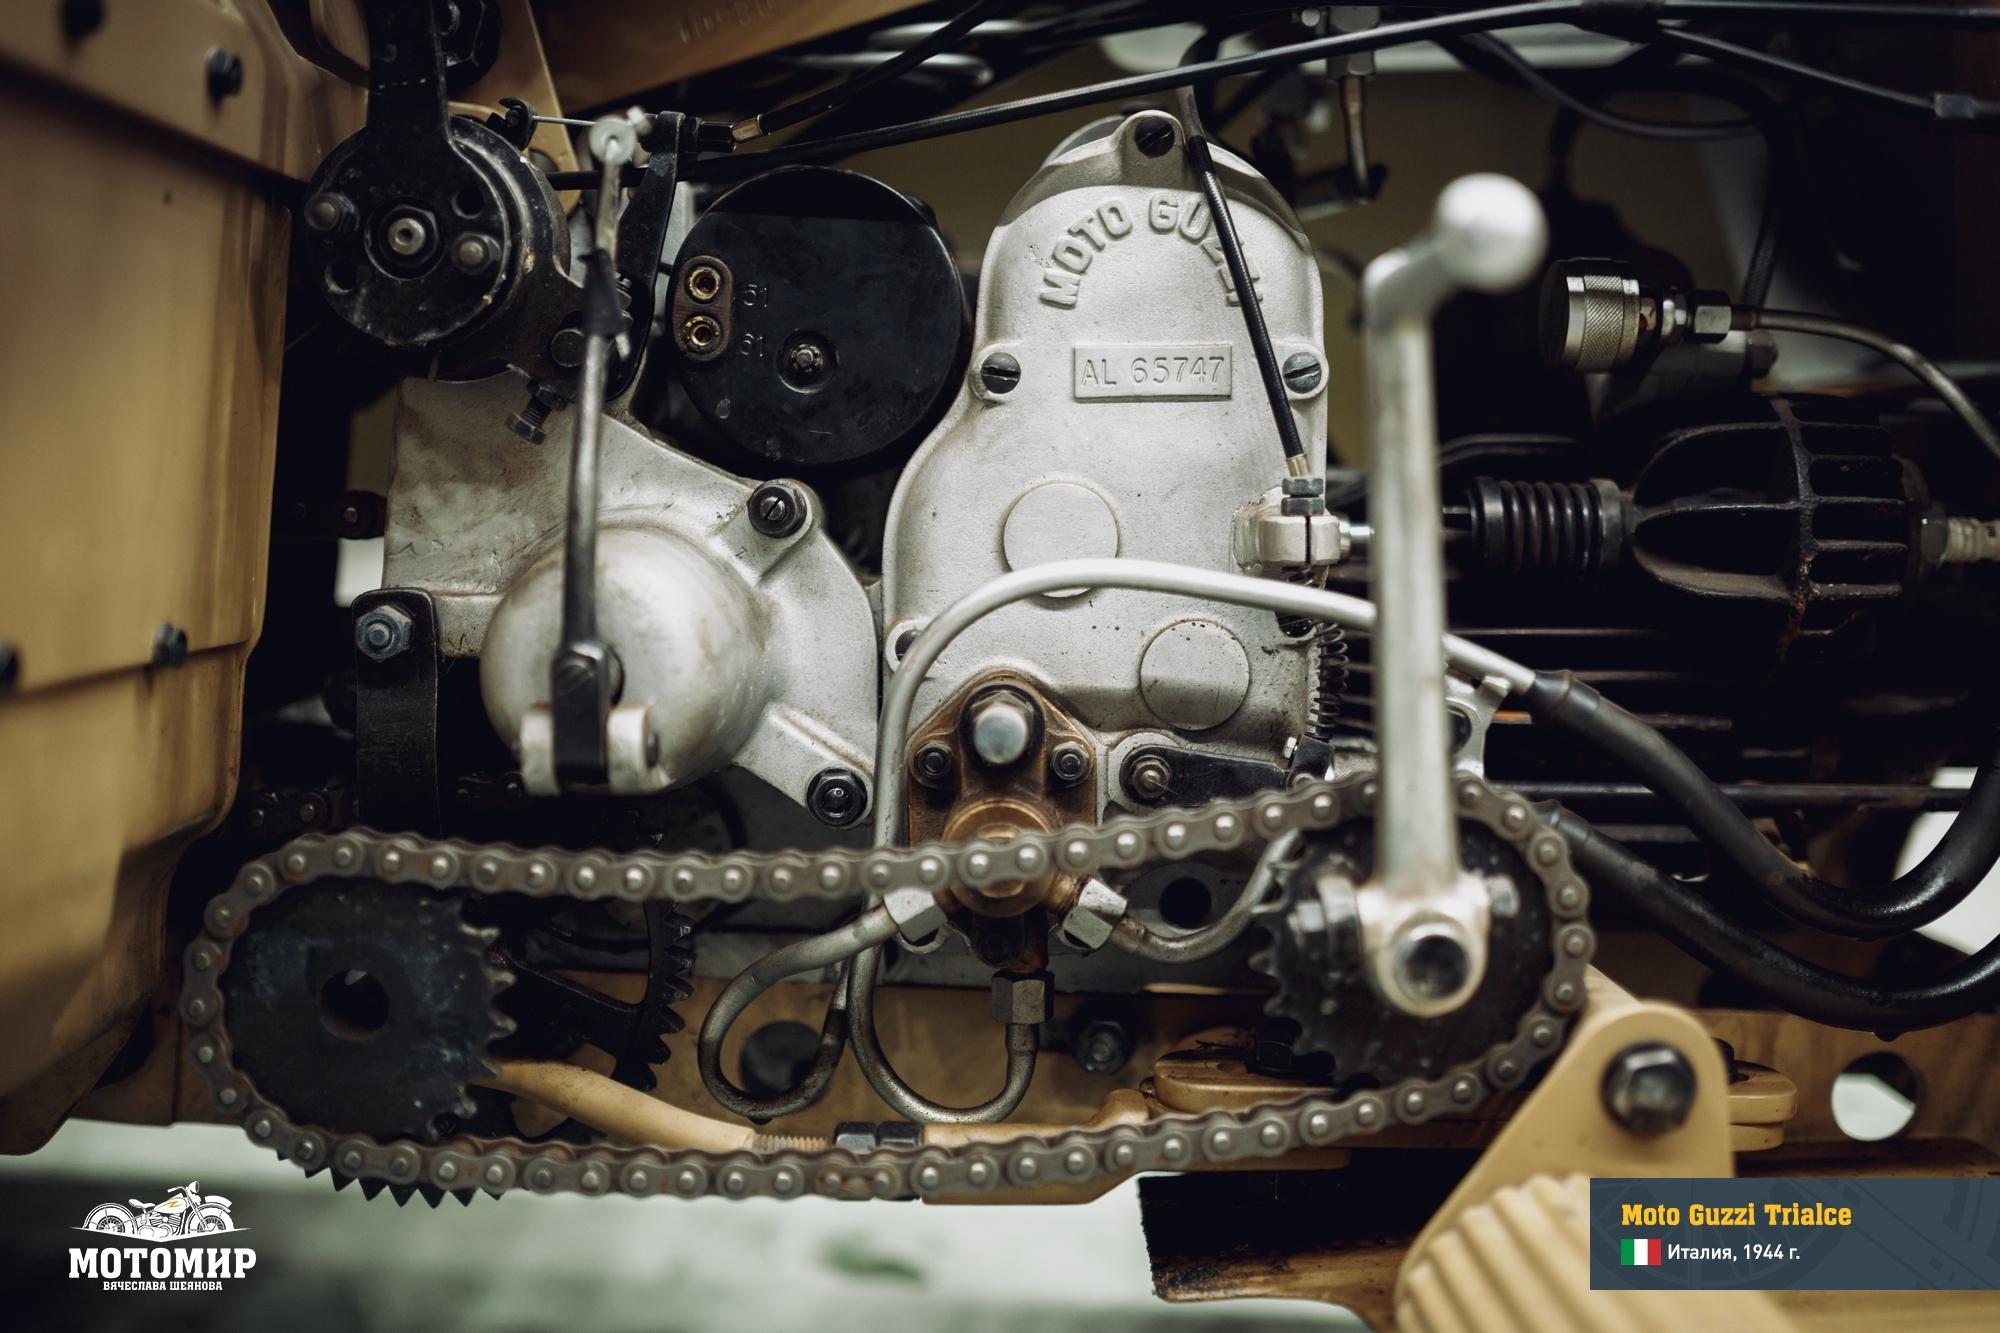 moto-guzzi-trialce-201502-web-28